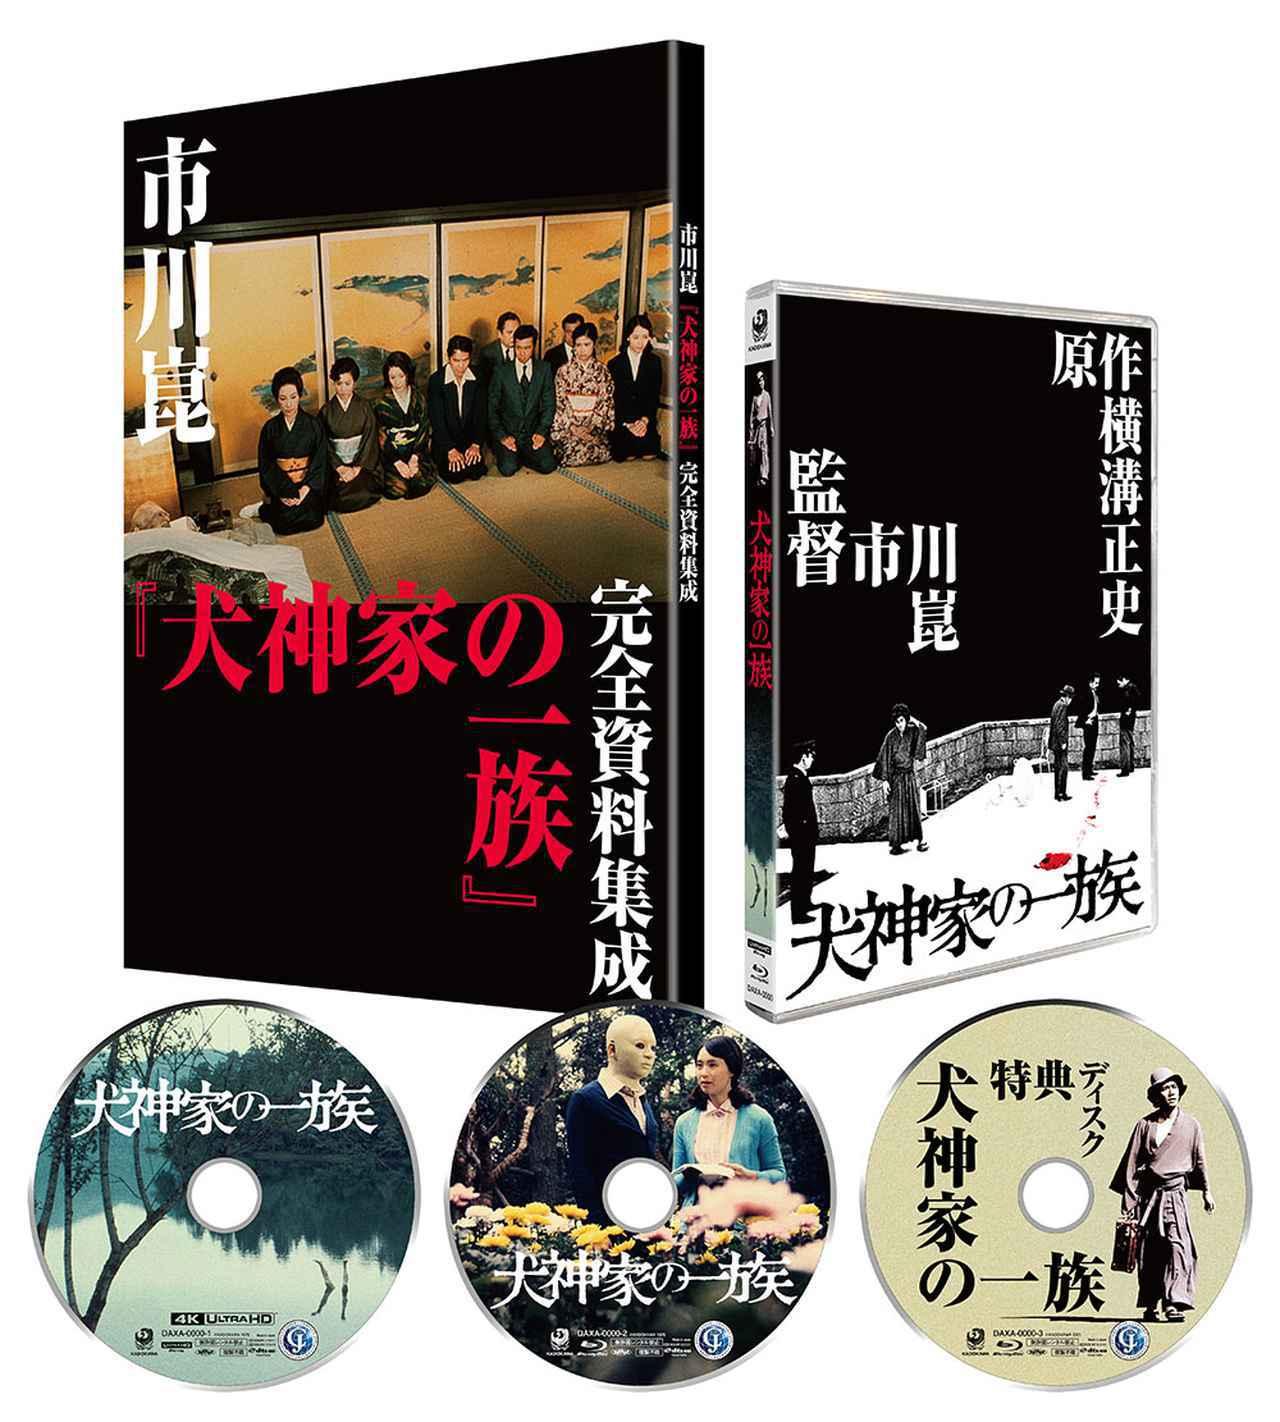 画像: 角川映画45周年記念『犬神家の一族』4Kデジタル修復版。 驚愕の高画質・高音質で甦った傑作の舞台裏に迫る(その1)